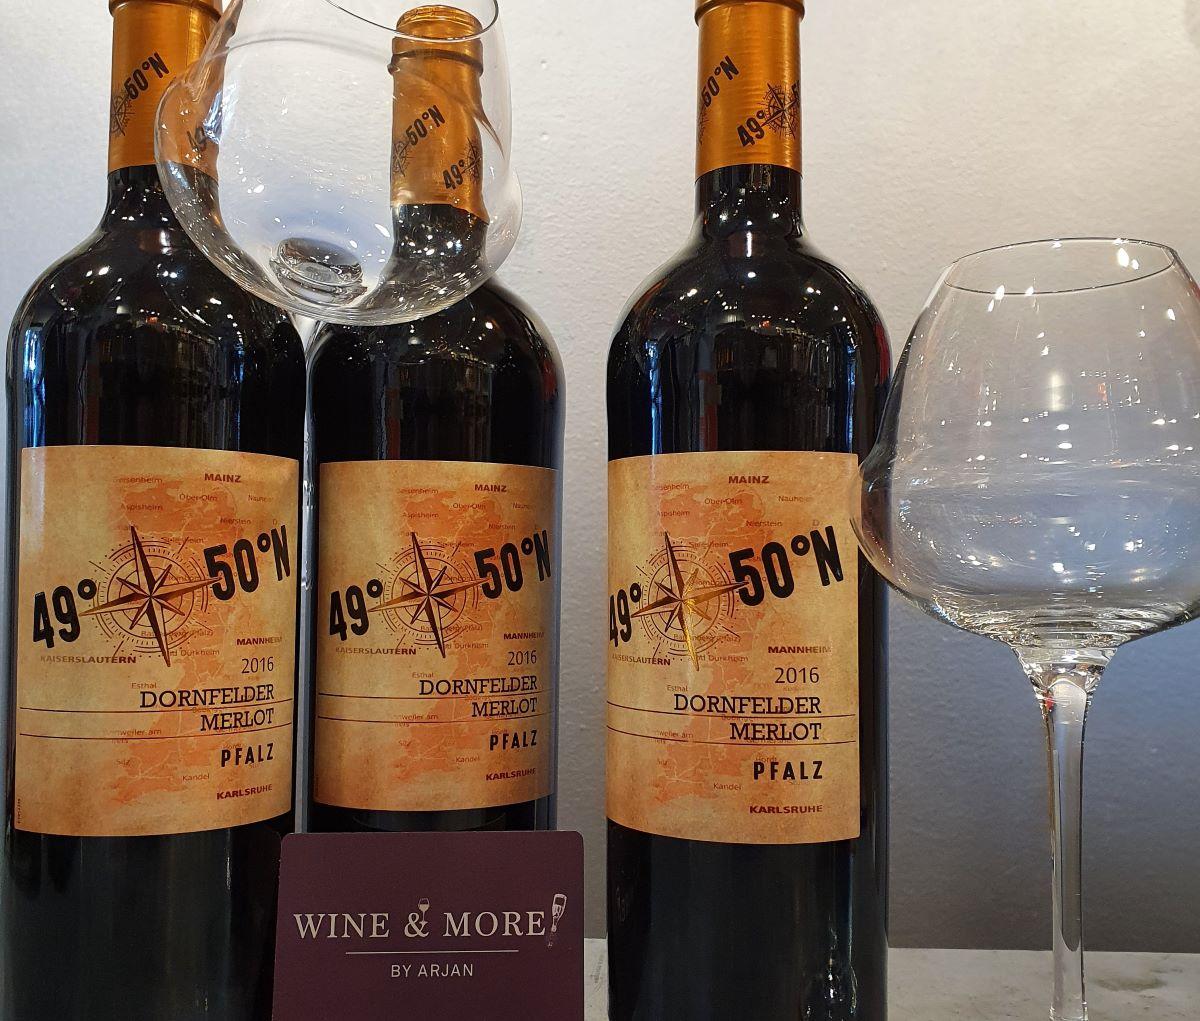 wine & more by Arjan